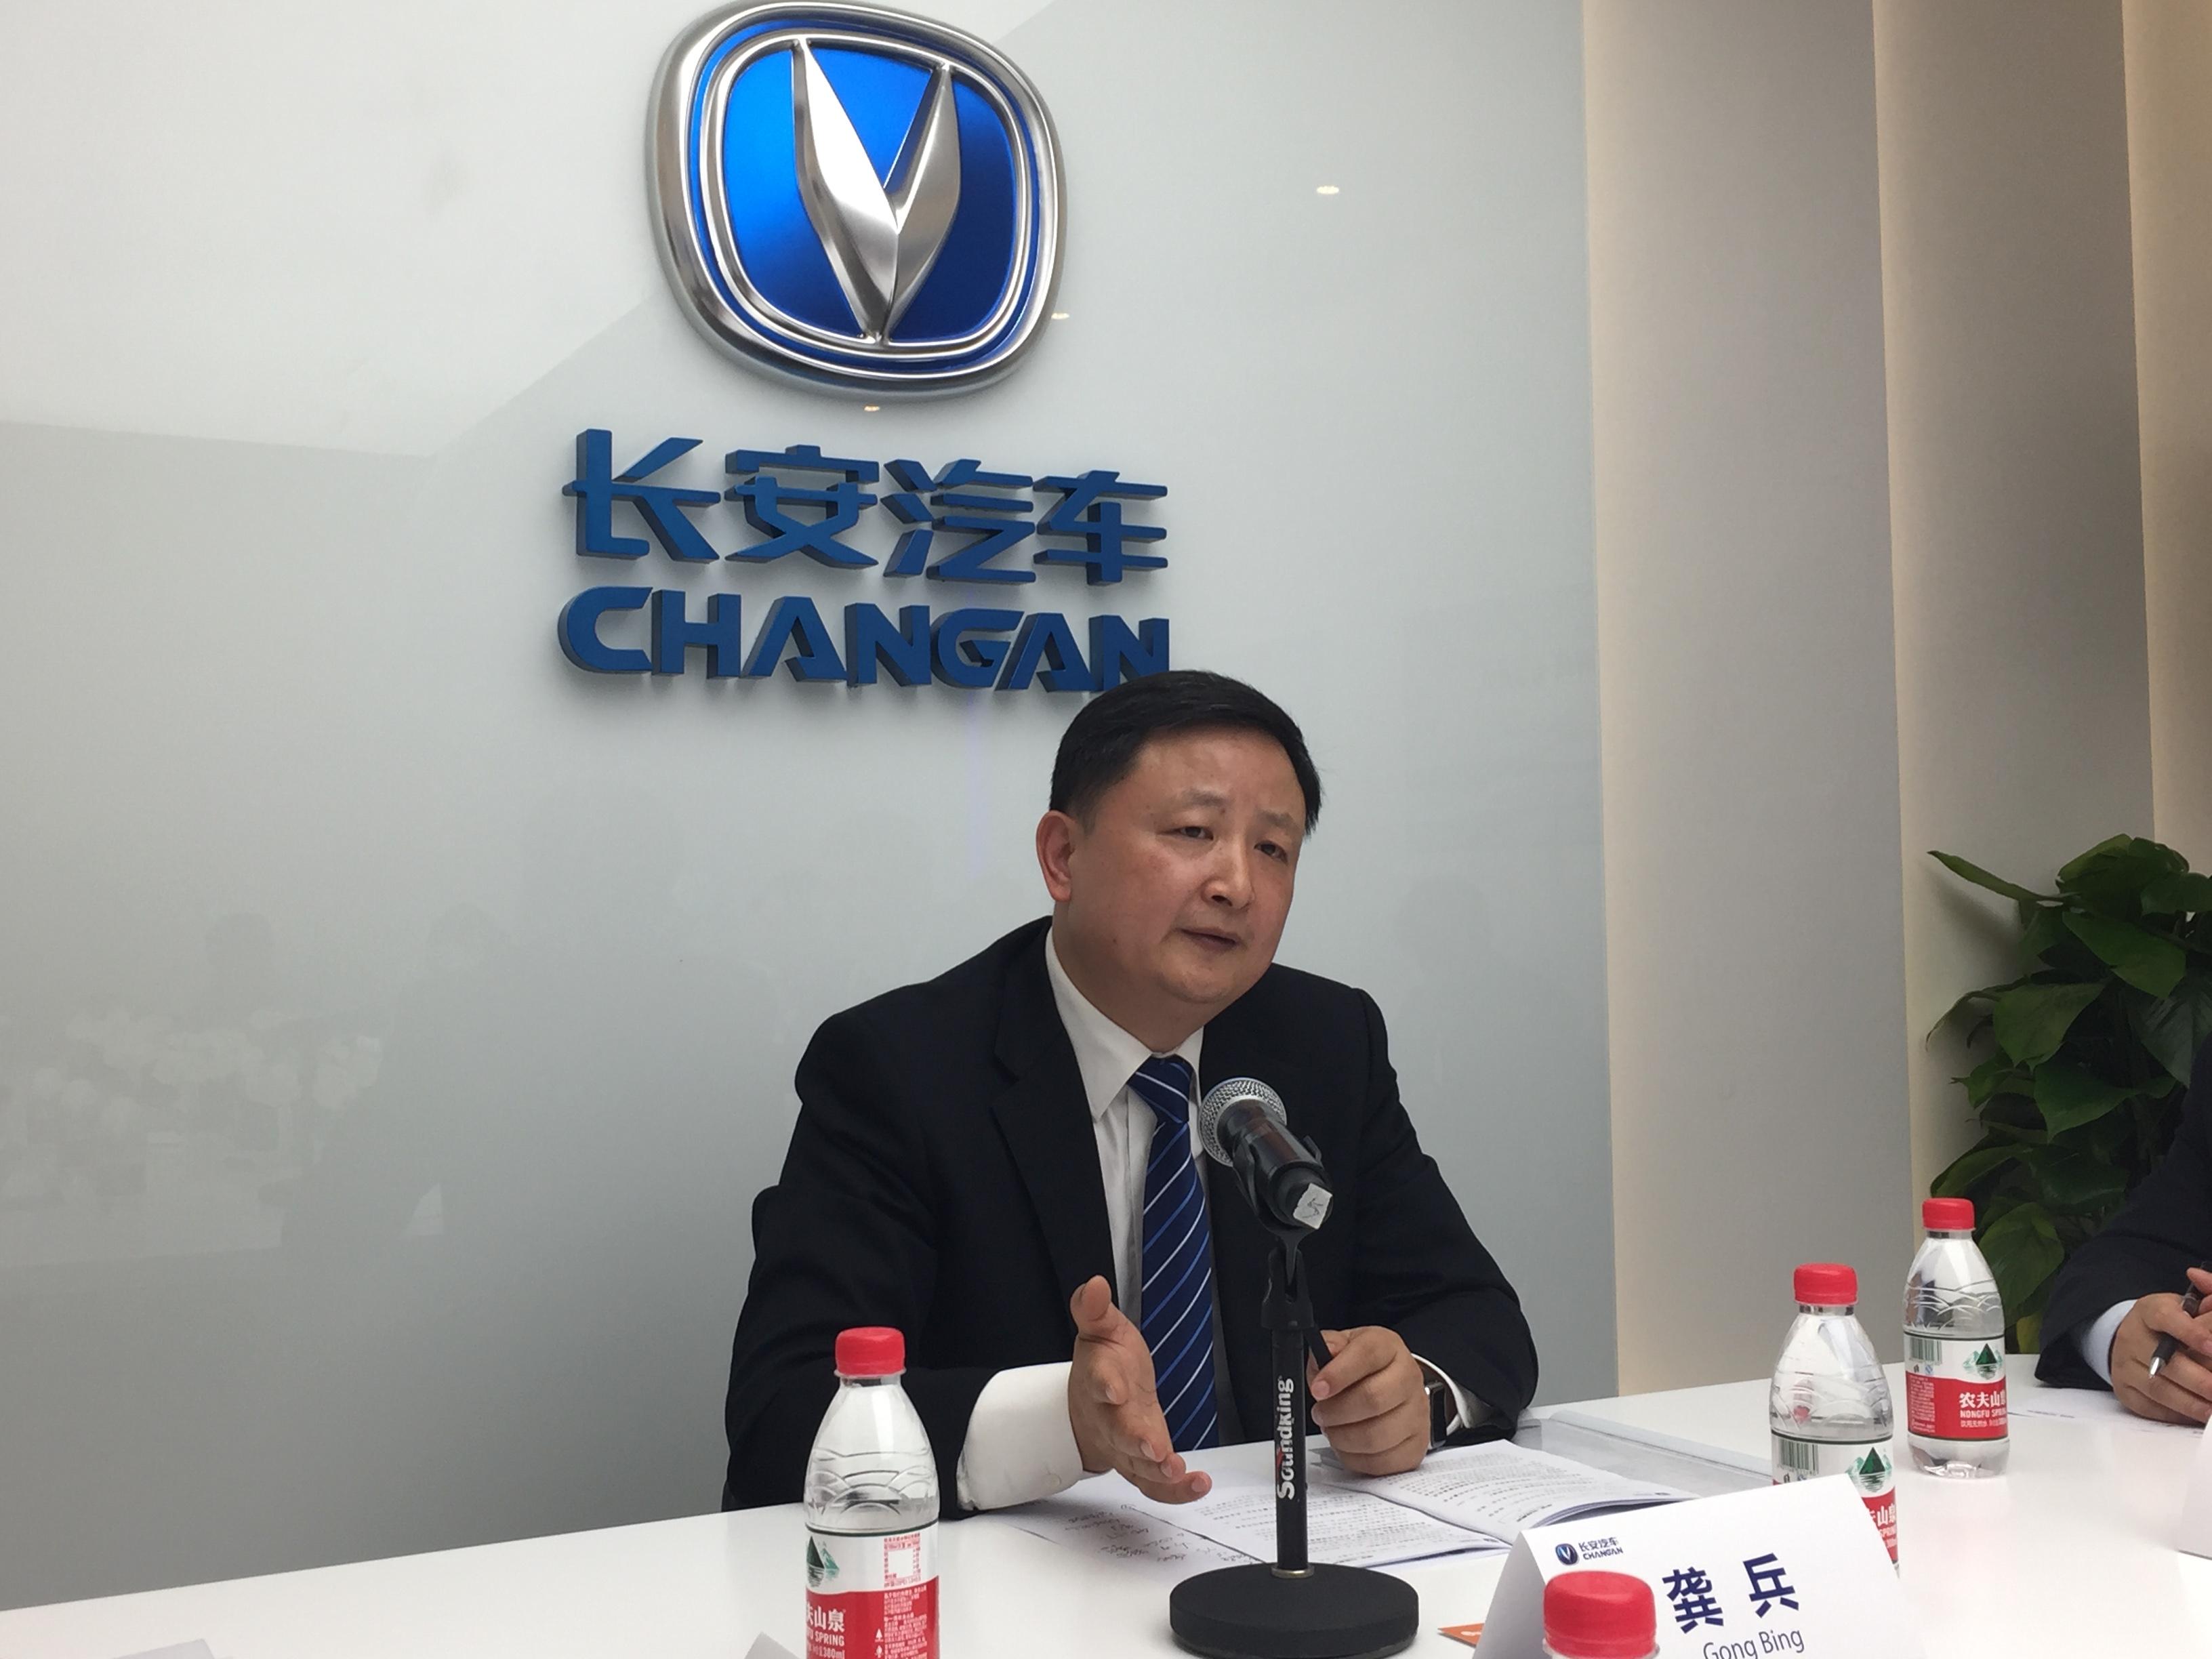 长安汽车副总裁看中国SUV市场竞争:美好残酷并存